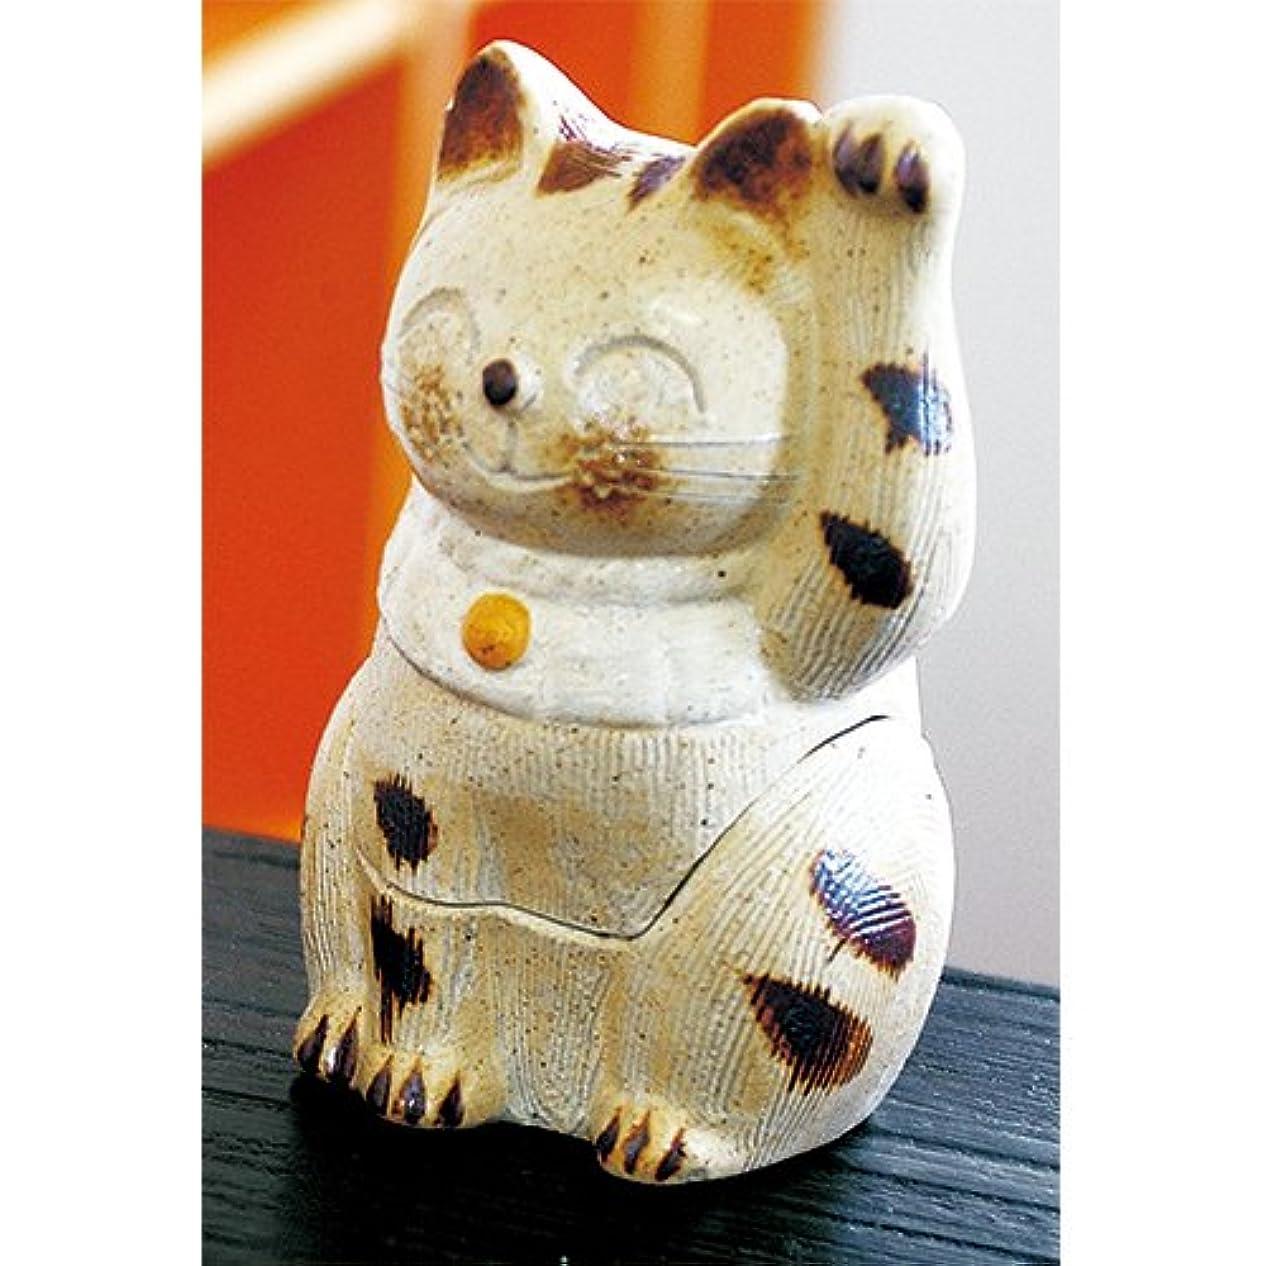 香炉 ひとまねき猫 香炉(小) [H9.5cm] HANDMADE プレゼント ギフト 和食器 かわいい インテリア